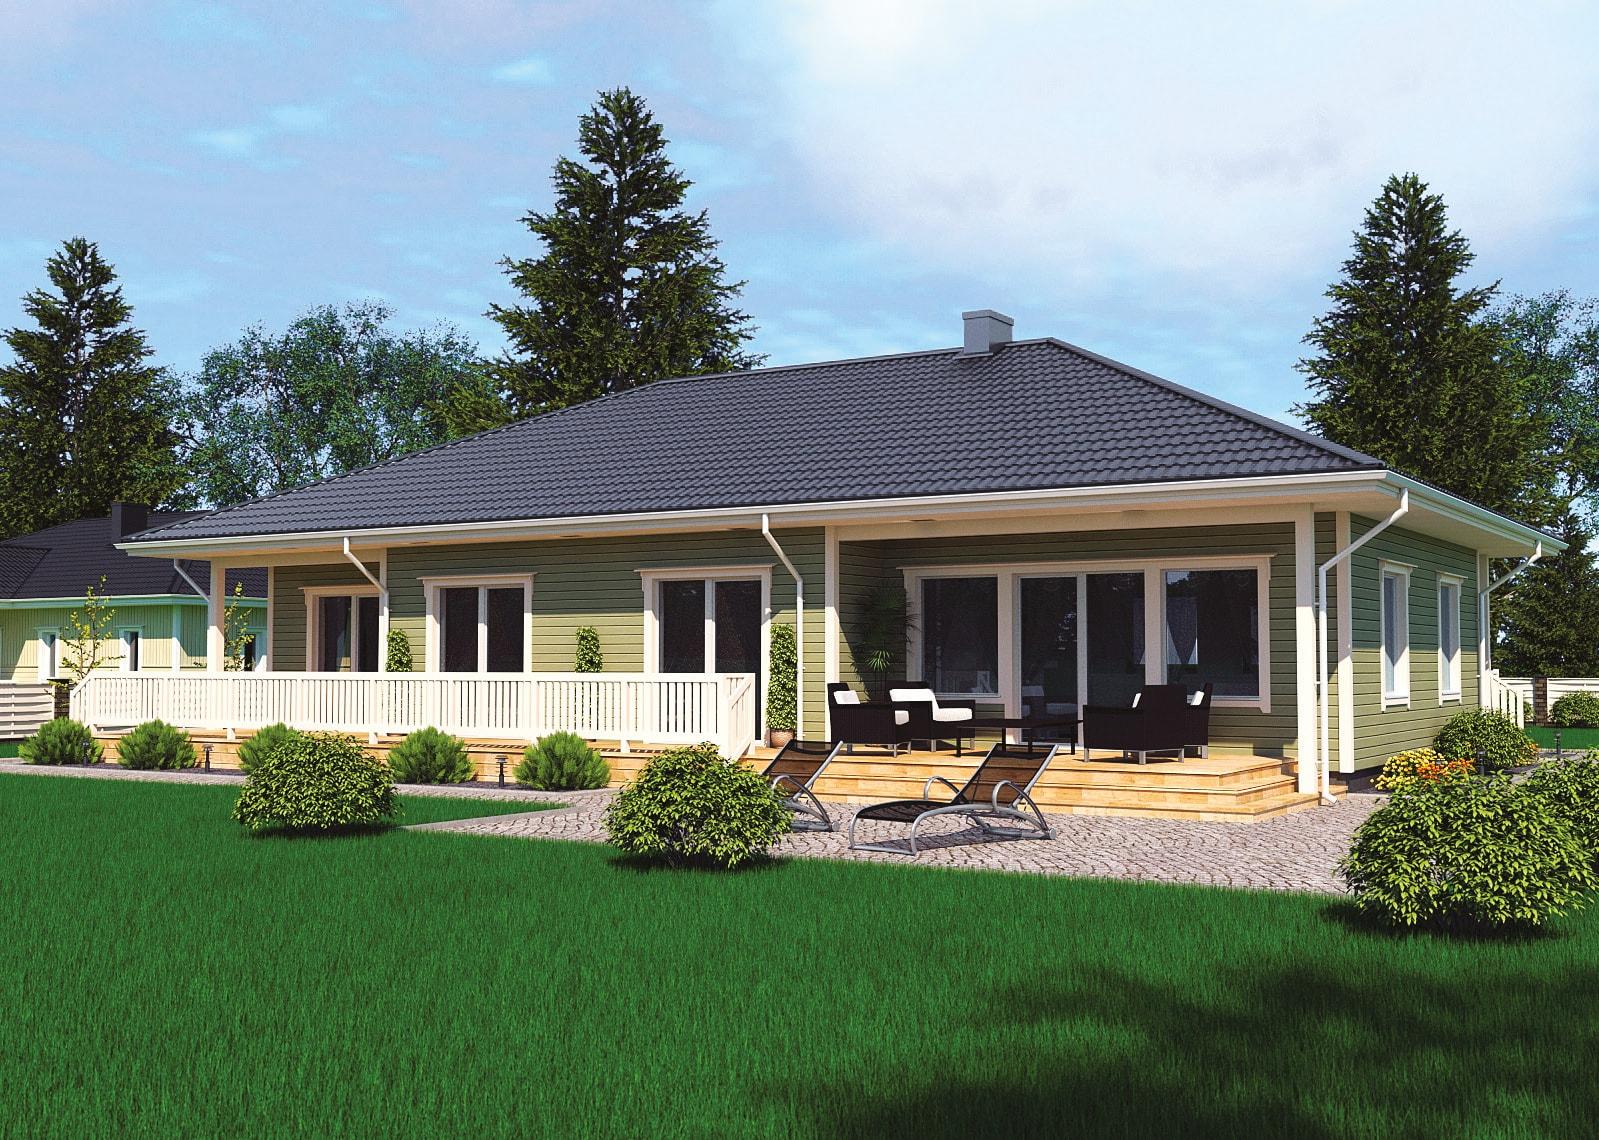 Fertighaus und Bausatzhaus 451 LEONARDO - Classic kaufen